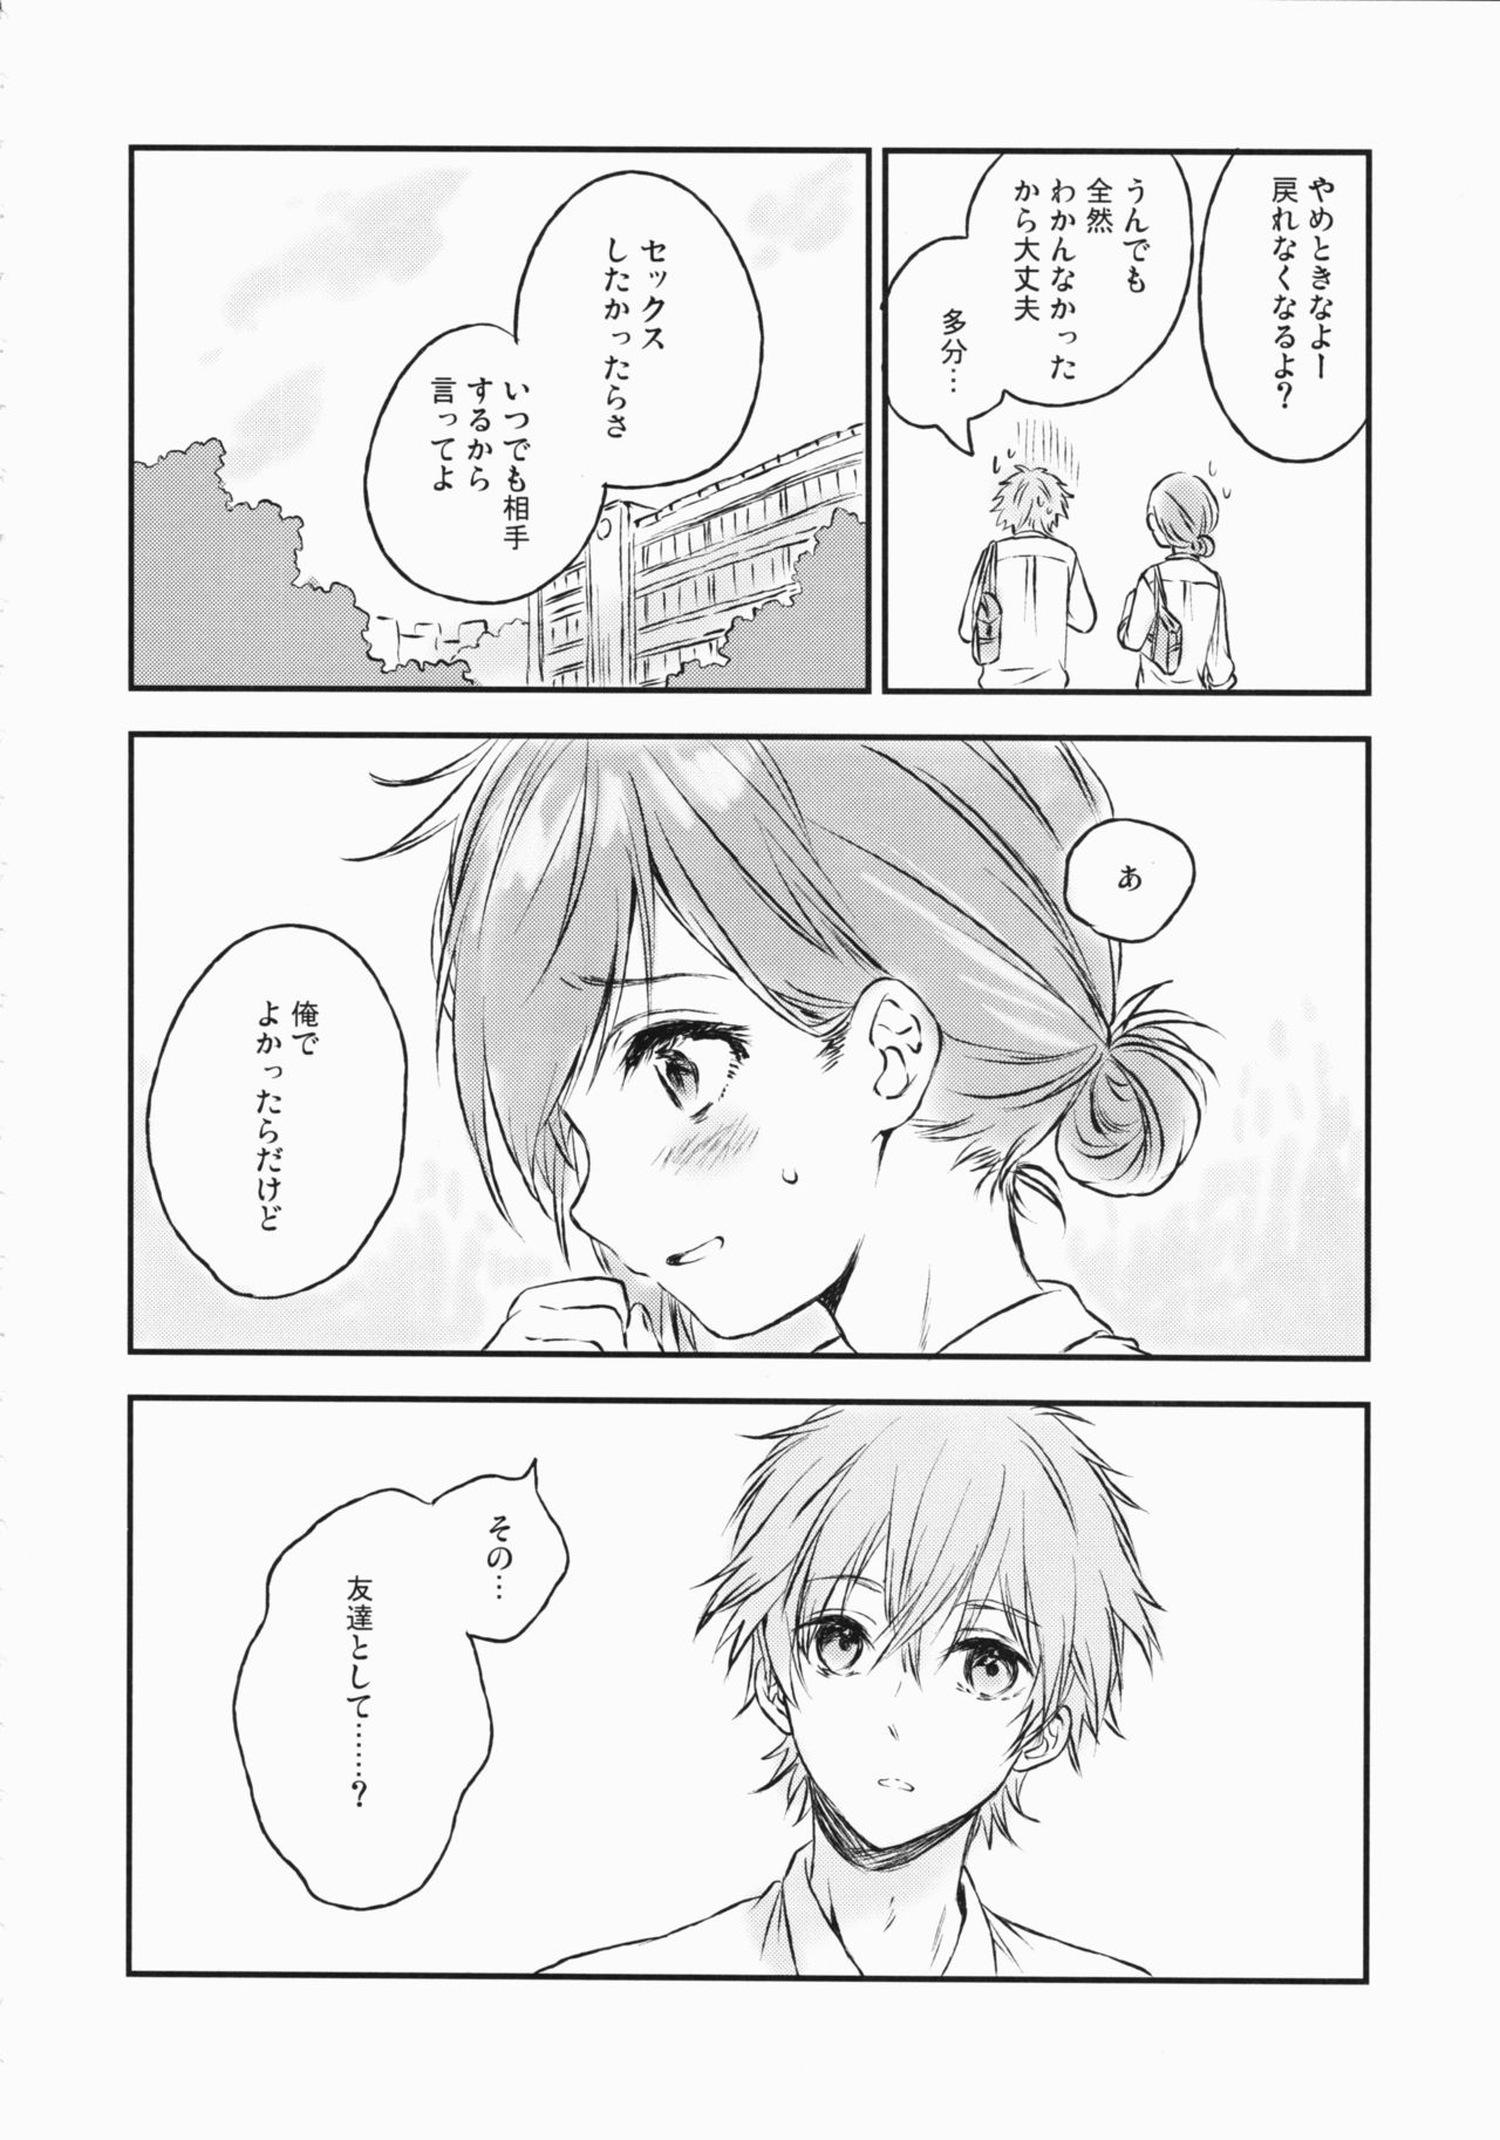 ポニーテールの女装男子とイチャラブセックスwww【エロ漫画・エロ同人】 (7)